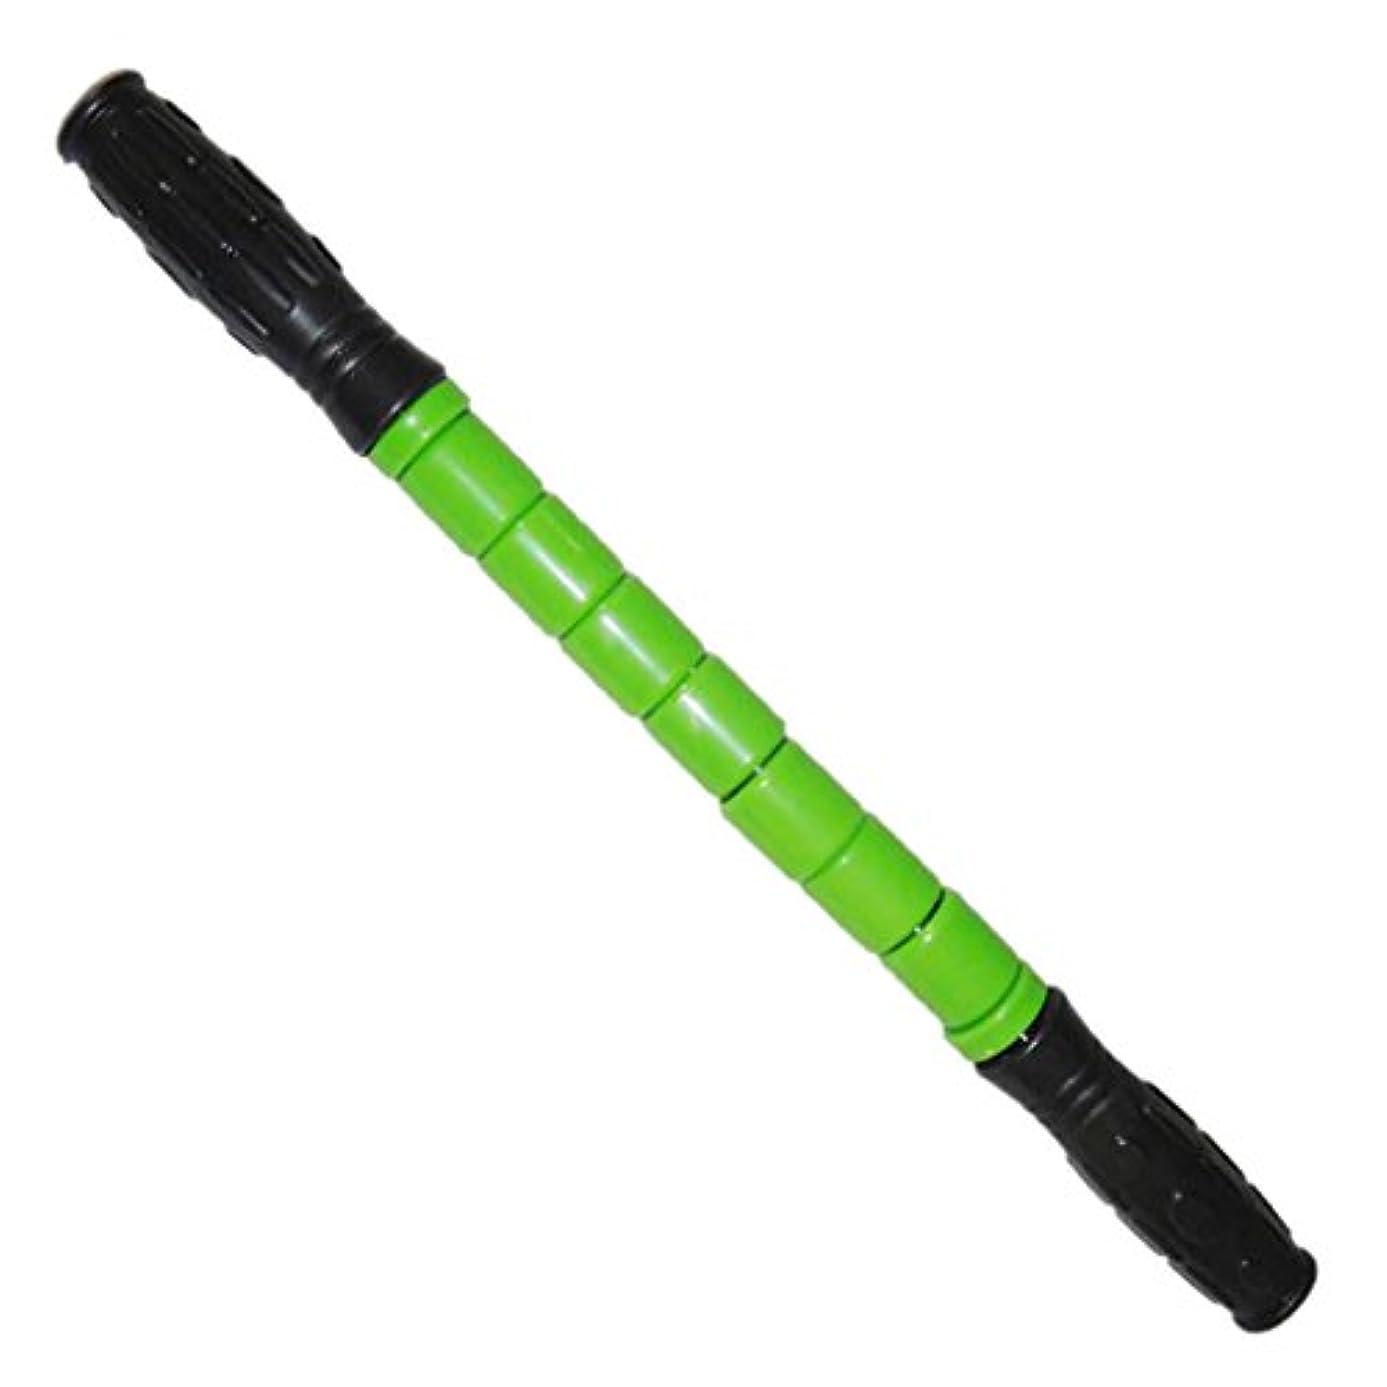 Kesoto スティック マッスル マッサージ ローラー  筋肉 グループ 痛み 疲れ 緩和 全3色 - 緑